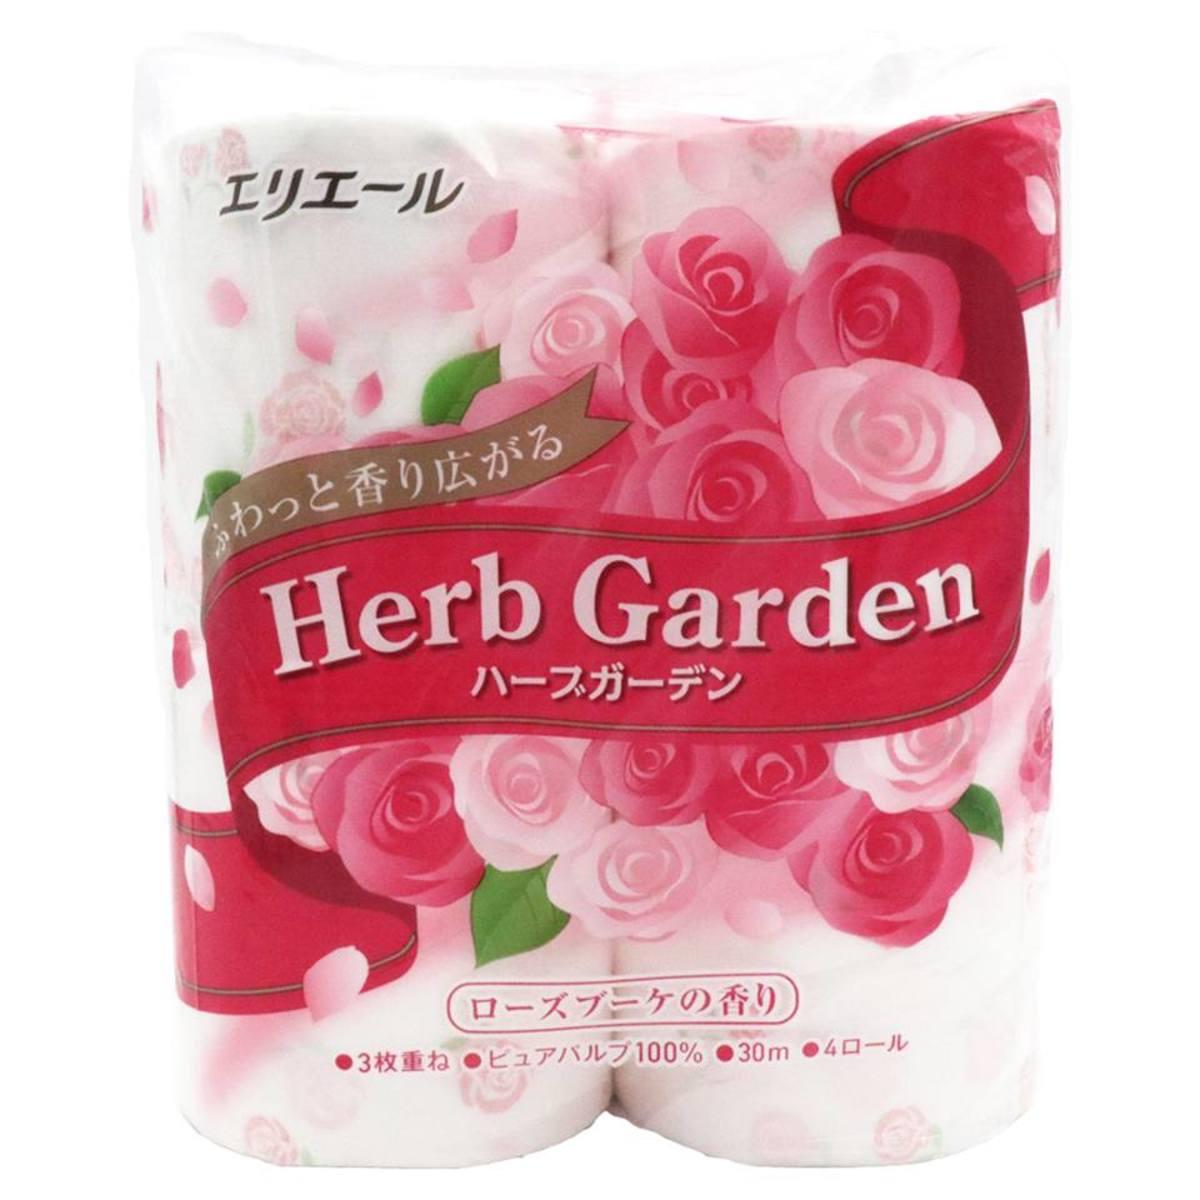 Elleair 草本花園卷筒衛生纸(粉) #玫瑰 30mX4卷